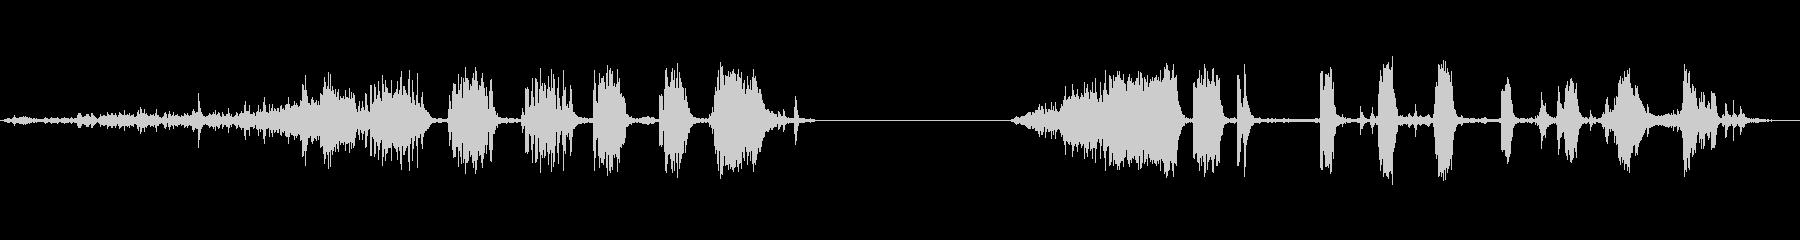 オールドゲート:Creaky Op...の未再生の波形